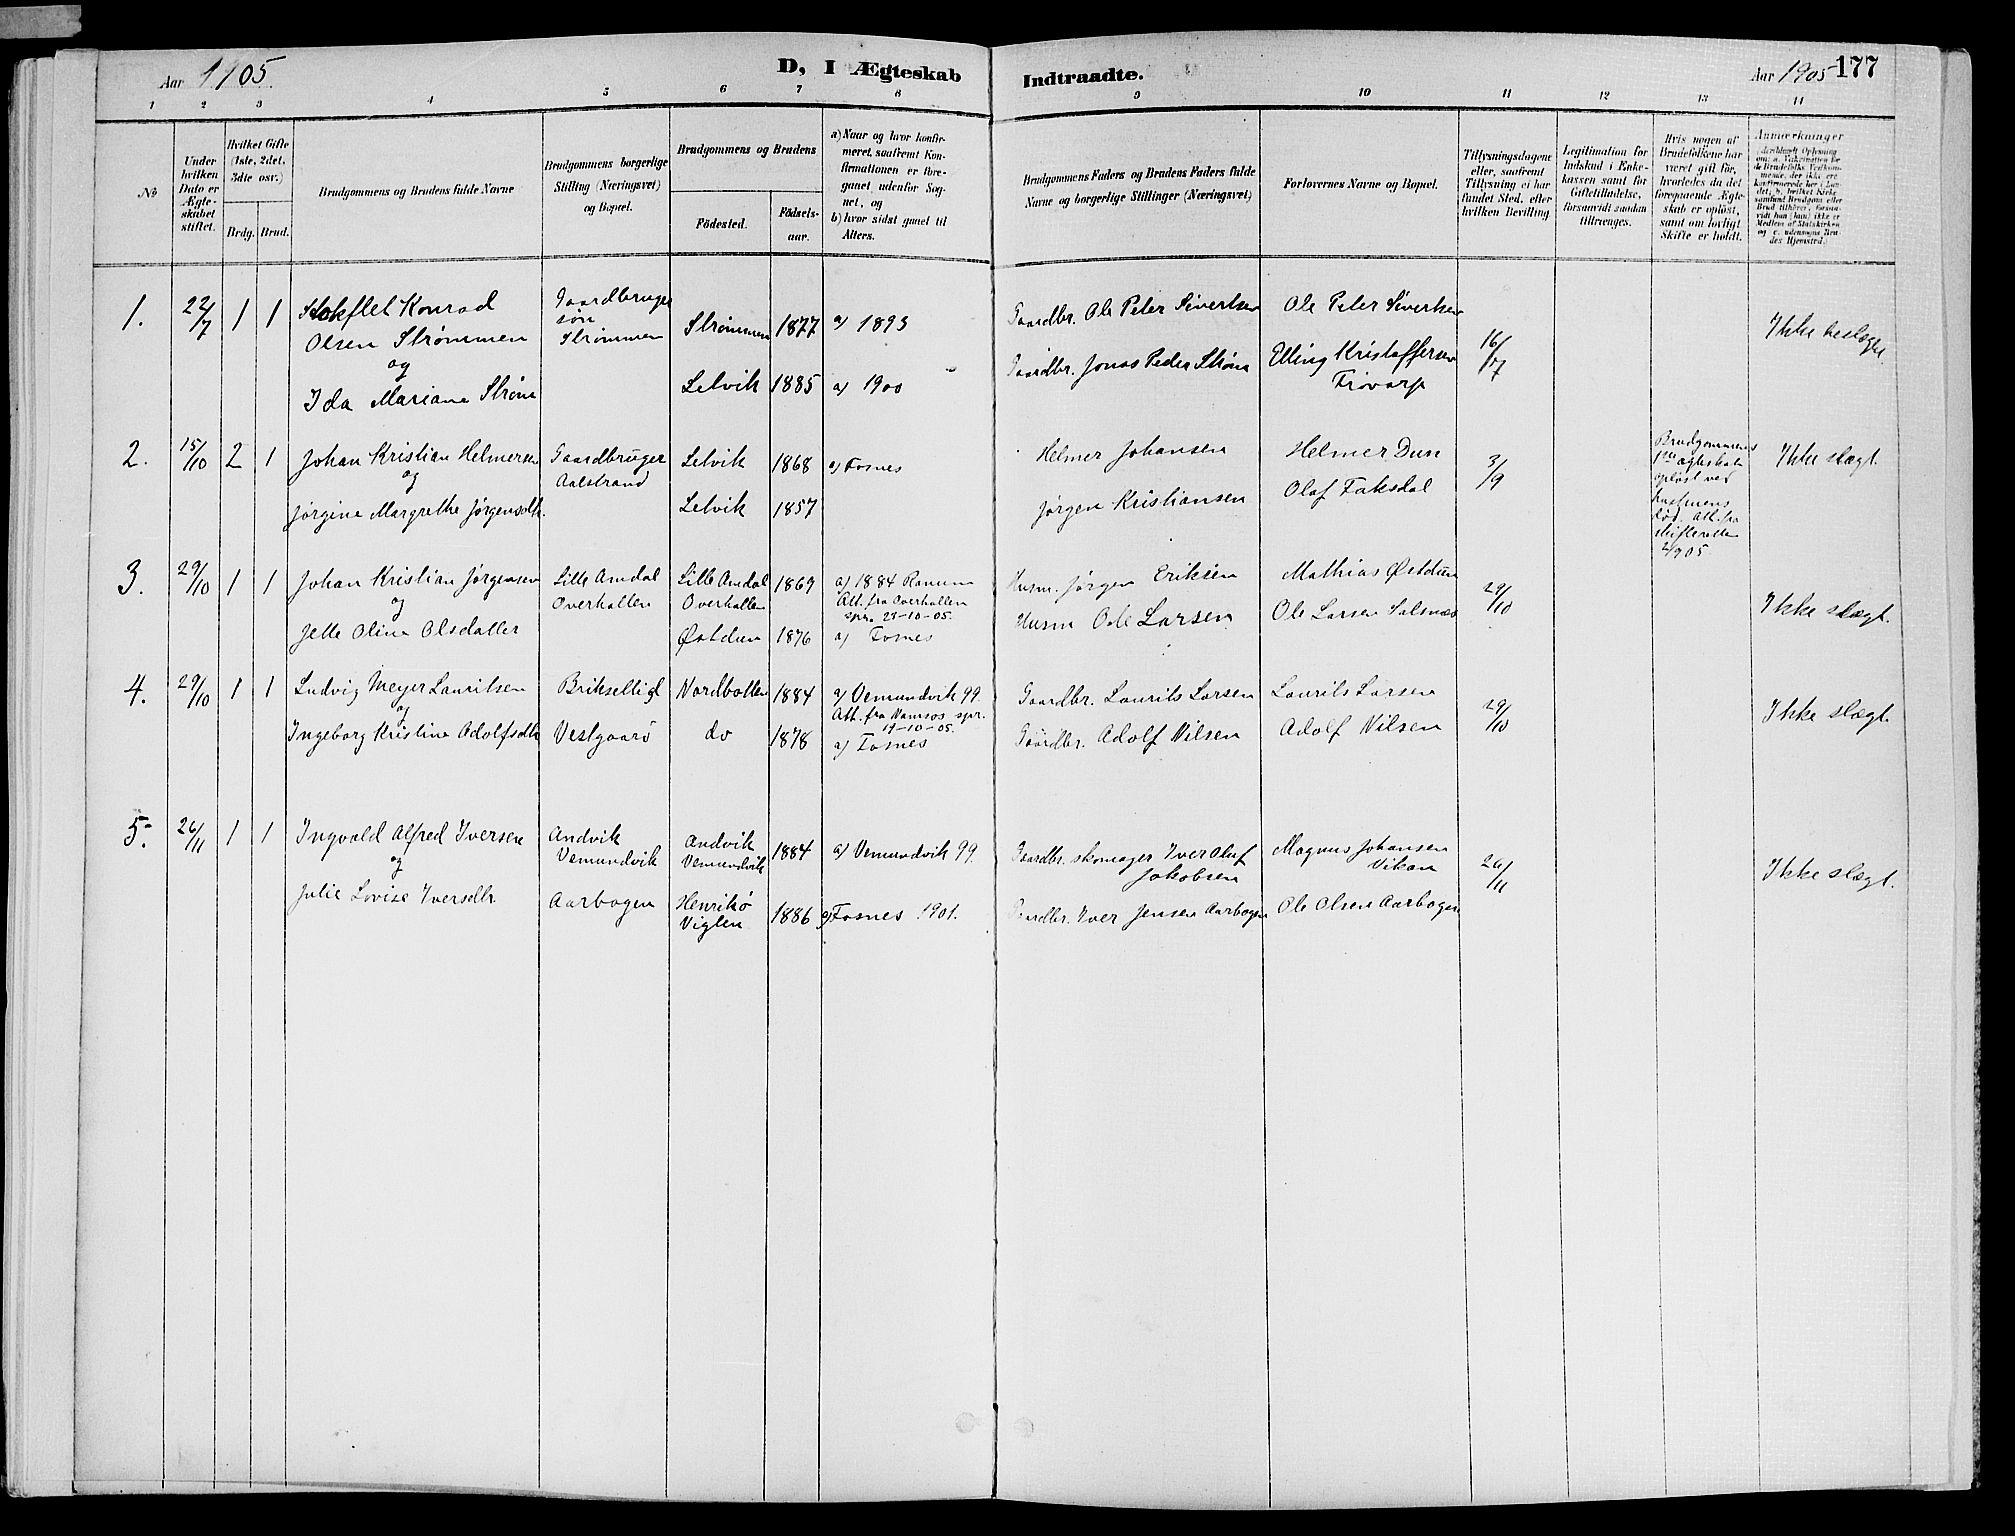 SAT, Ministerialprotokoller, klokkerbøker og fødselsregistre - Nord-Trøndelag, 773/L0617: Ministerialbok nr. 773A08, 1887-1910, s. 177